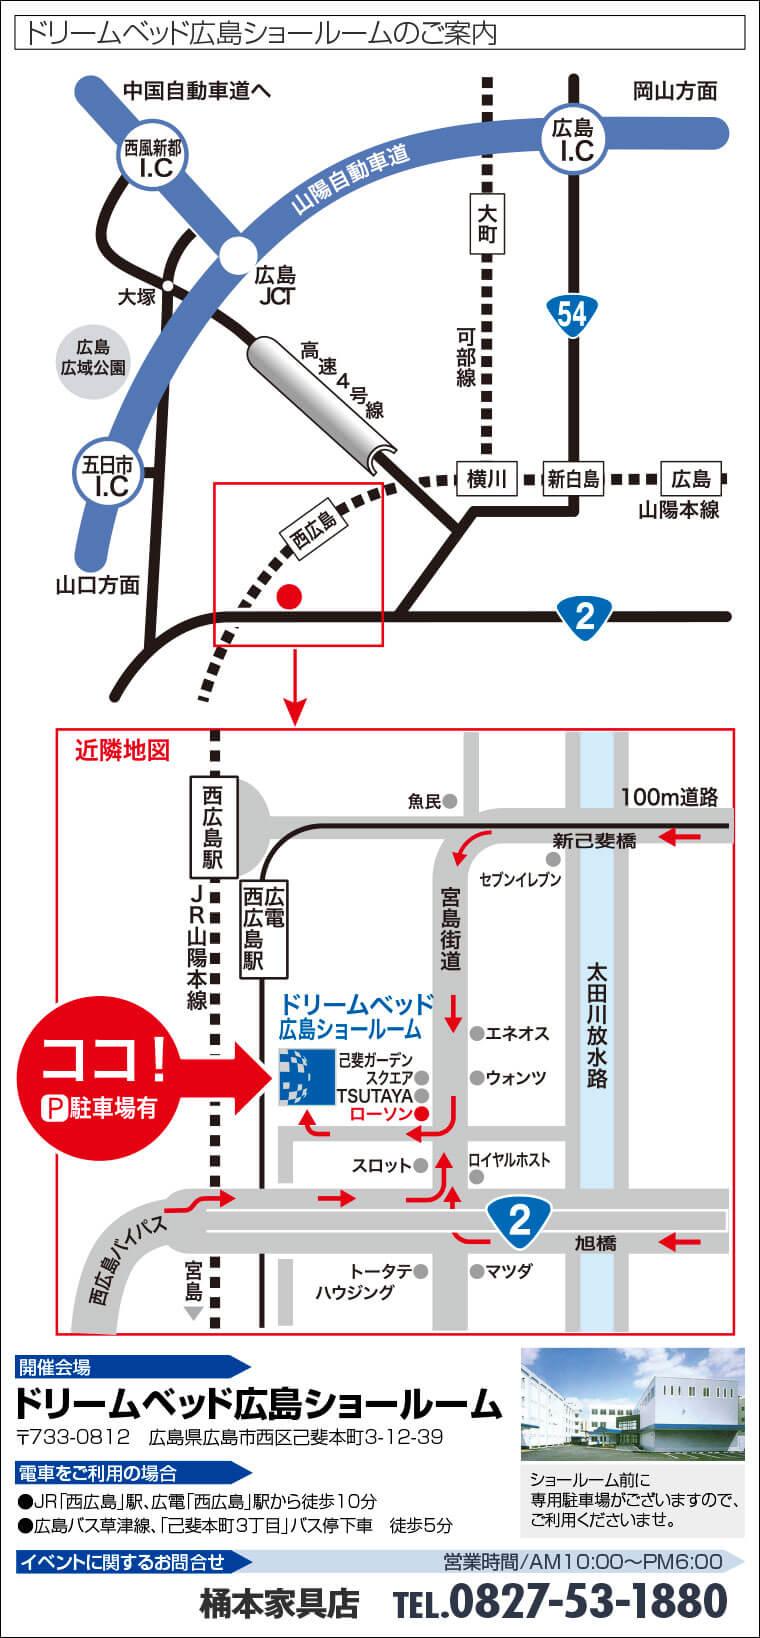 ドリームベッド広島ショールームへのアクセス